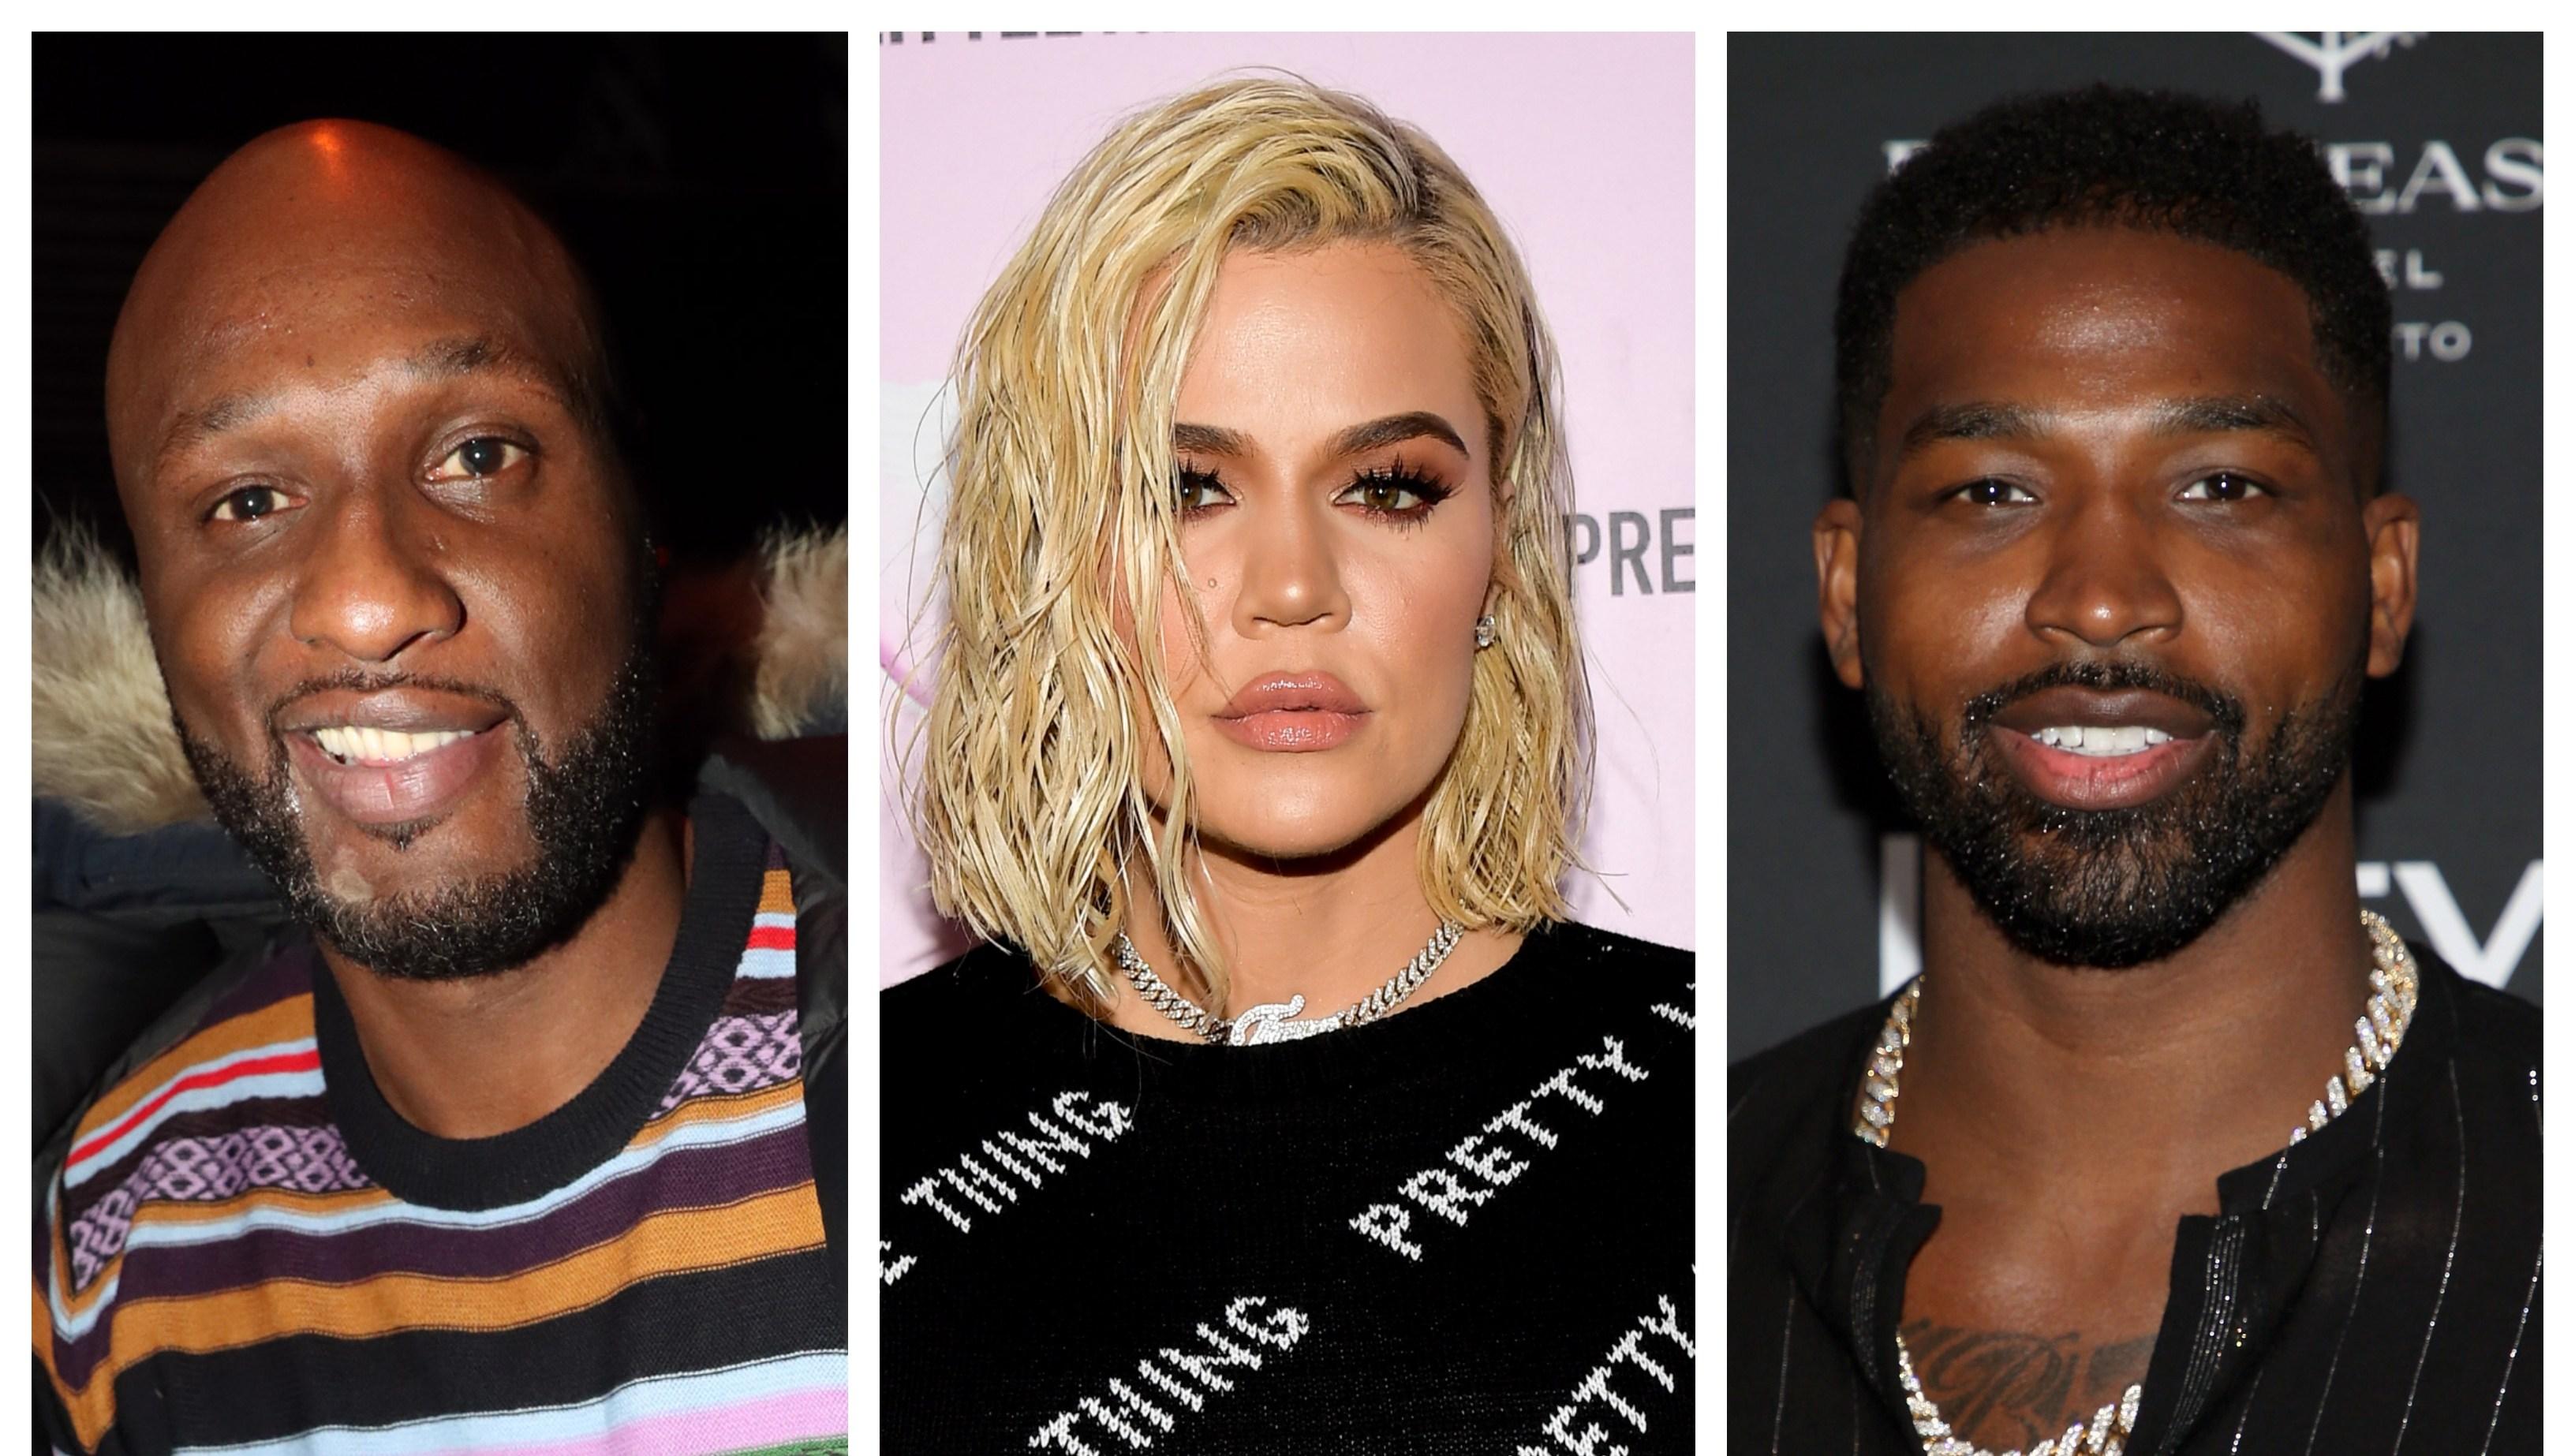 Lamar Odom, Khloe Kardashian, Tristan Thompson